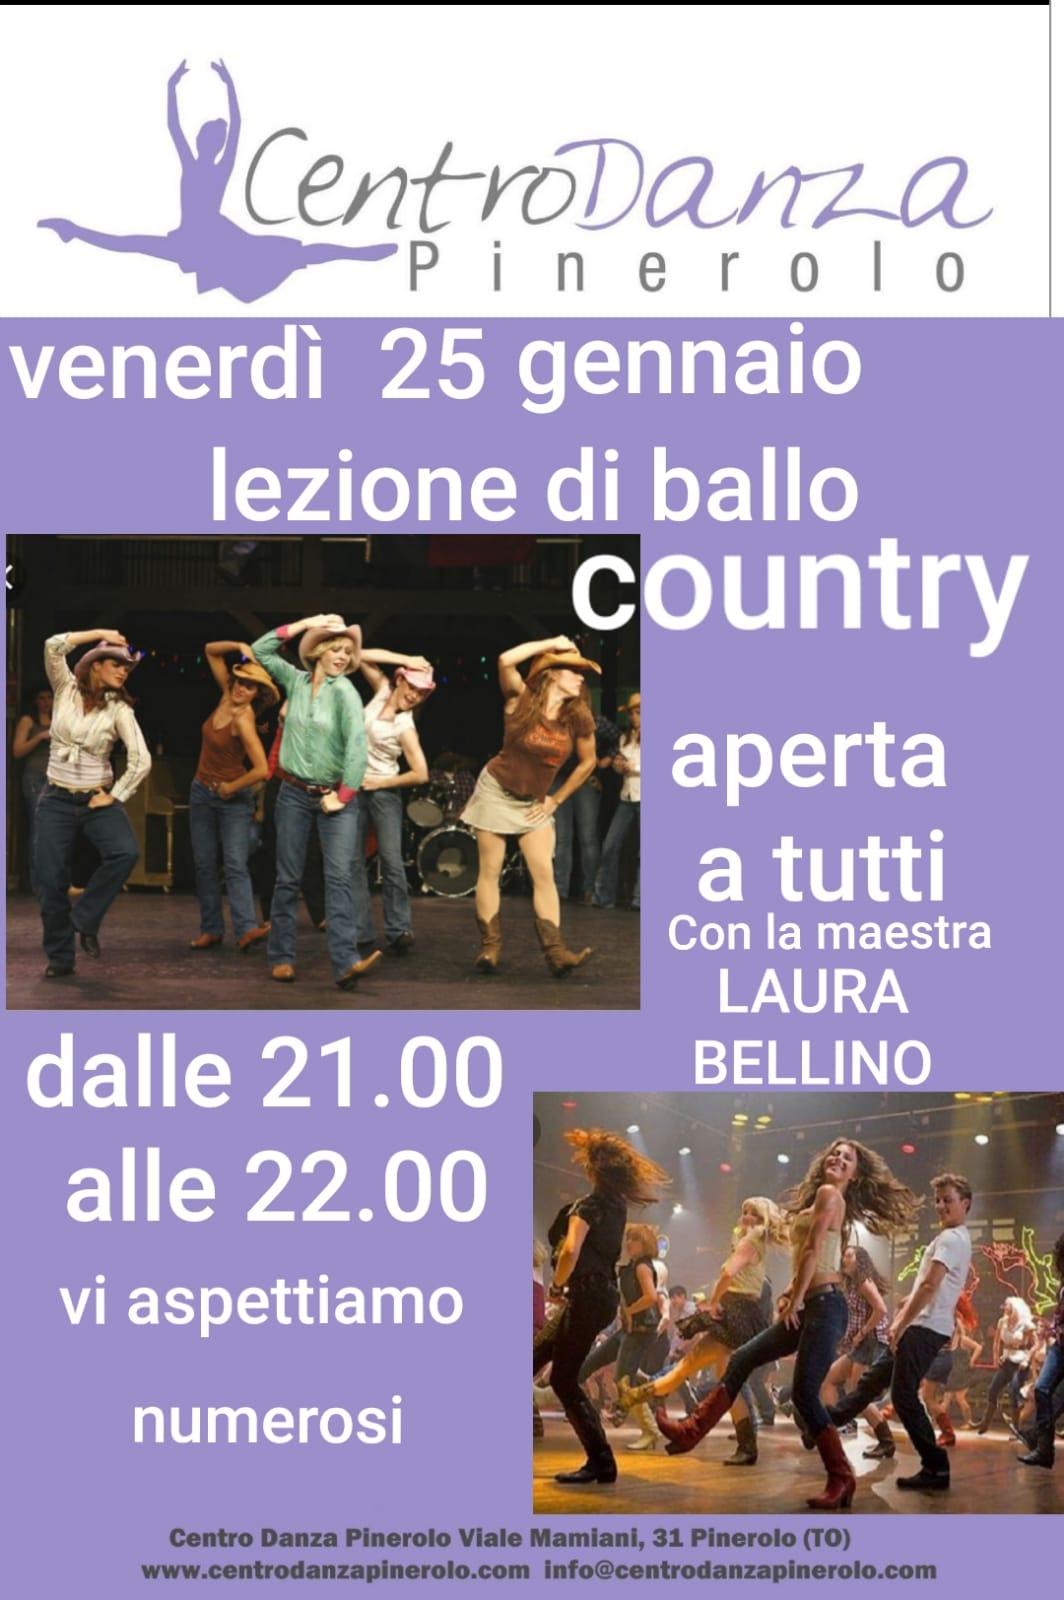 Venerdì 25 gennaio – Lezione di ballo Country